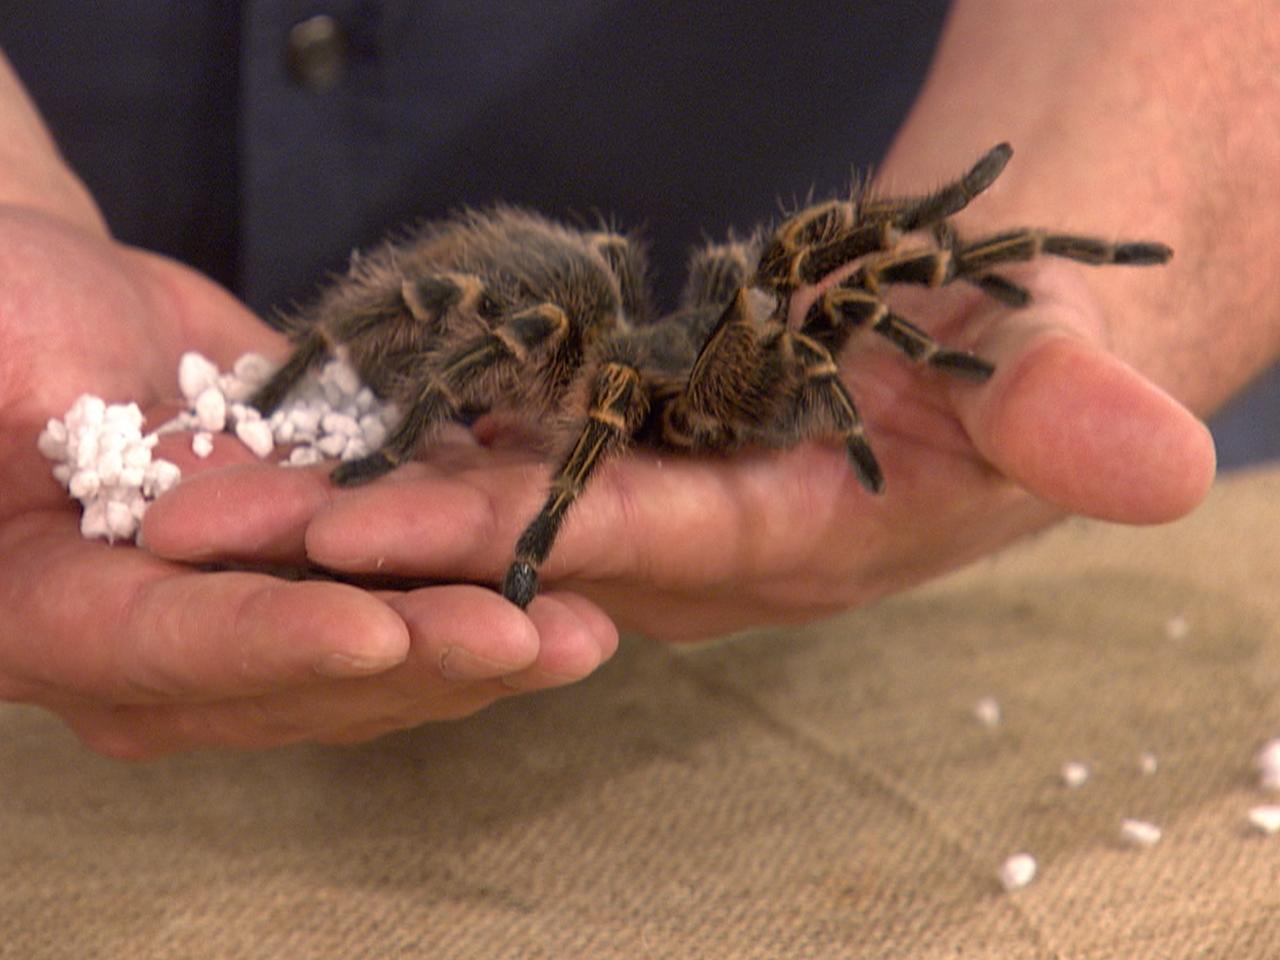 Venomous, Tree-Dwelling Spiders Surprise Scientists